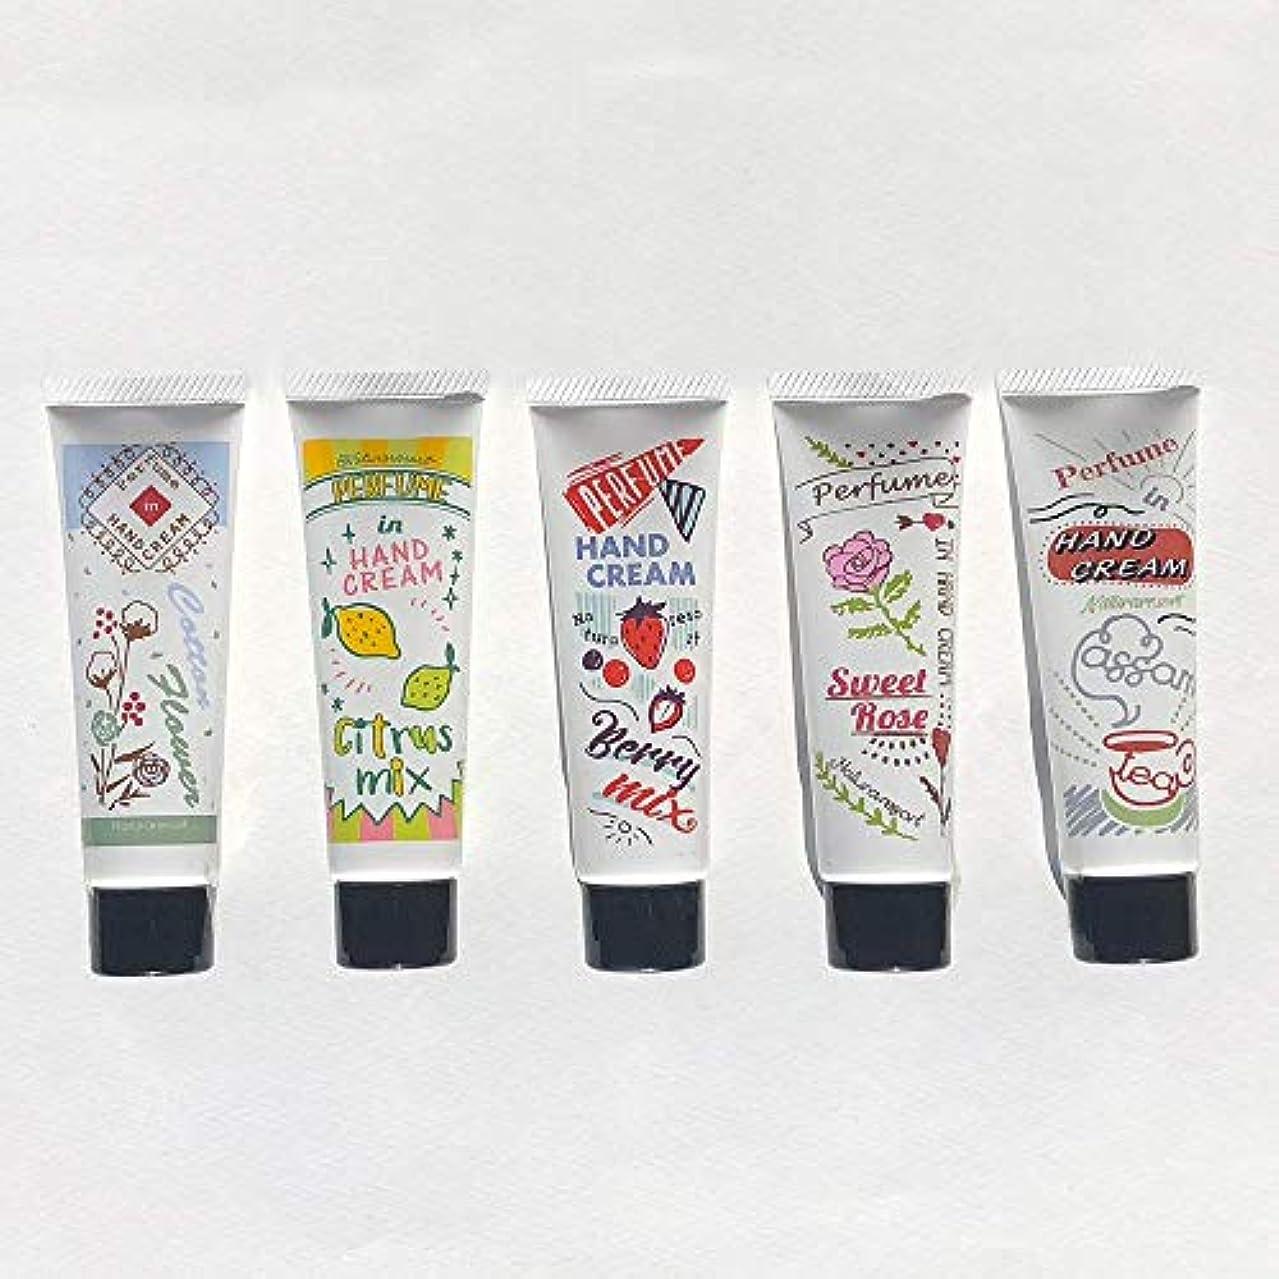 上回想不透明な【香りをまぜてオリジナルの香りを楽しめる!】パフュームインハンドクリーム5本セット